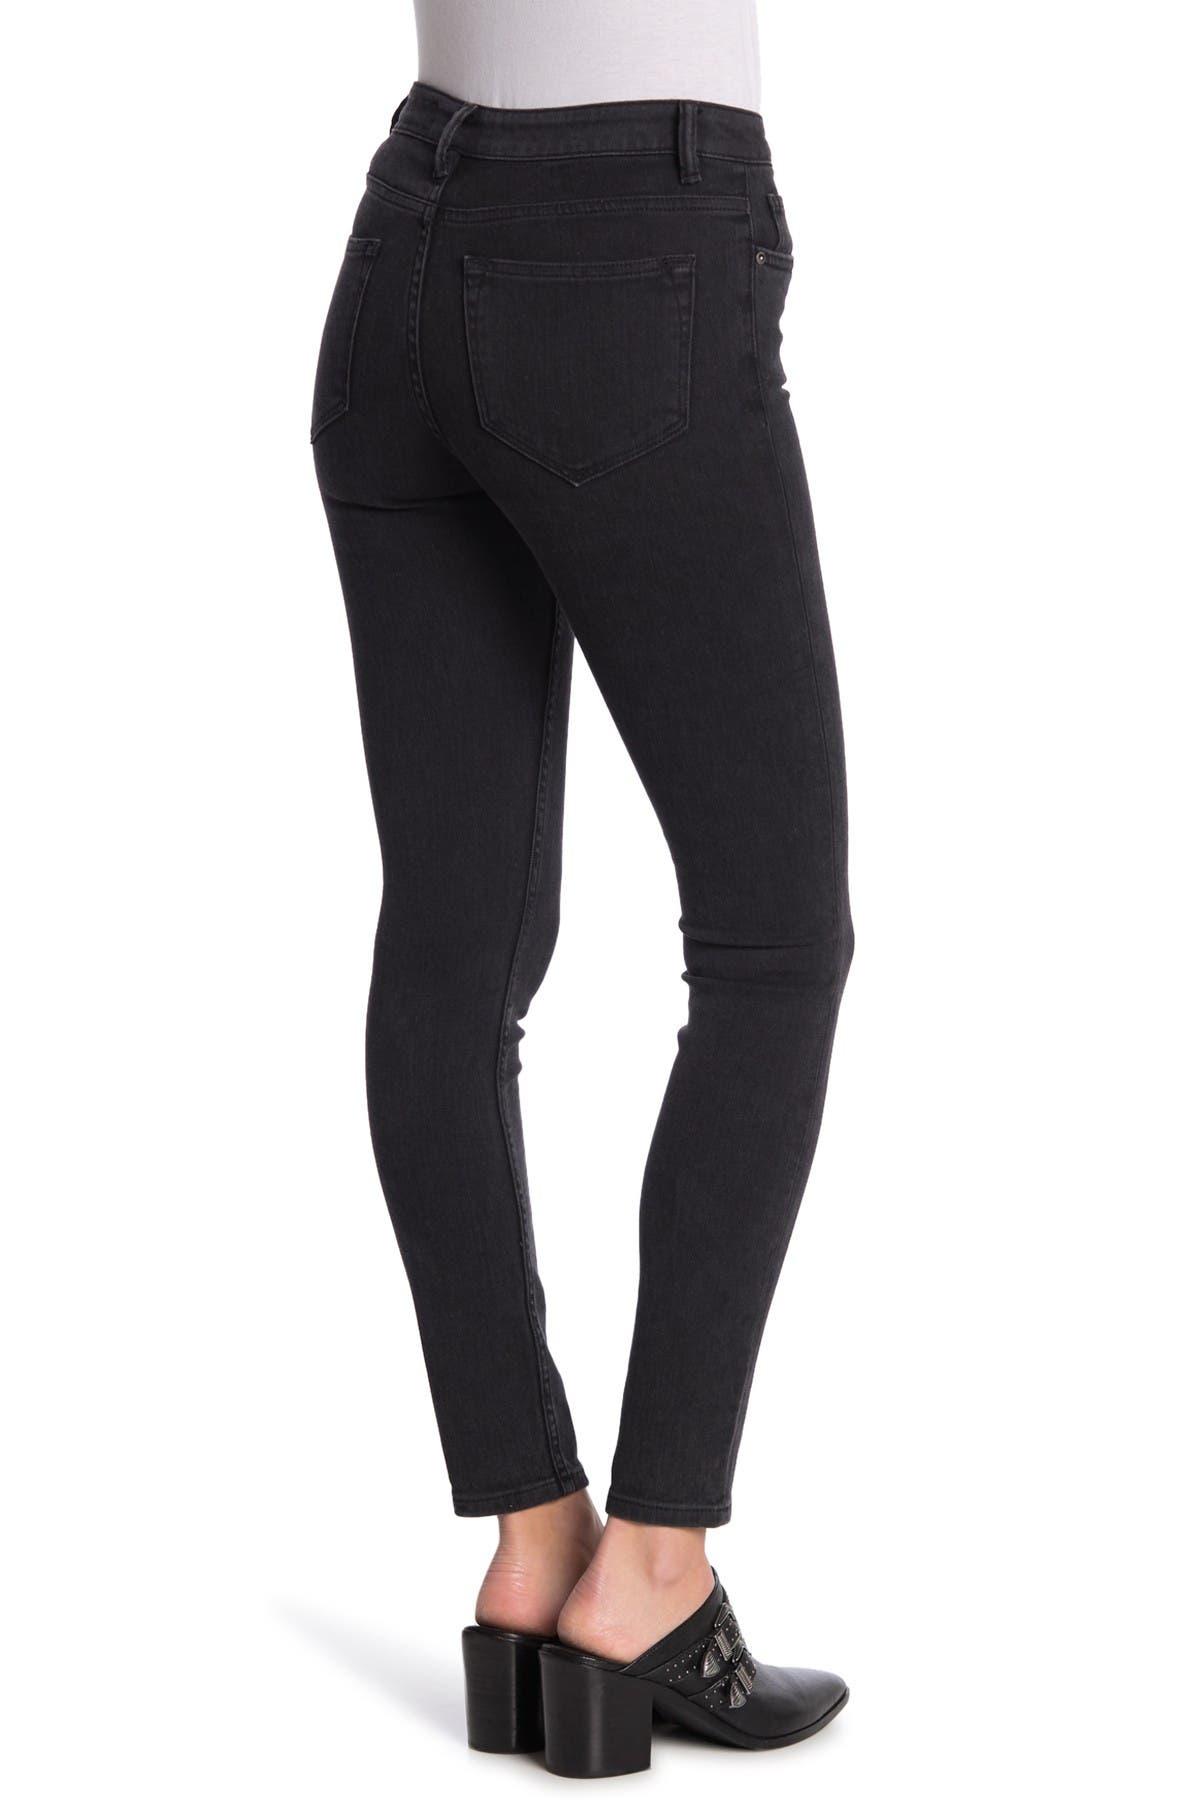 Image of ALLSAINTS Stilt Skinny Jeans